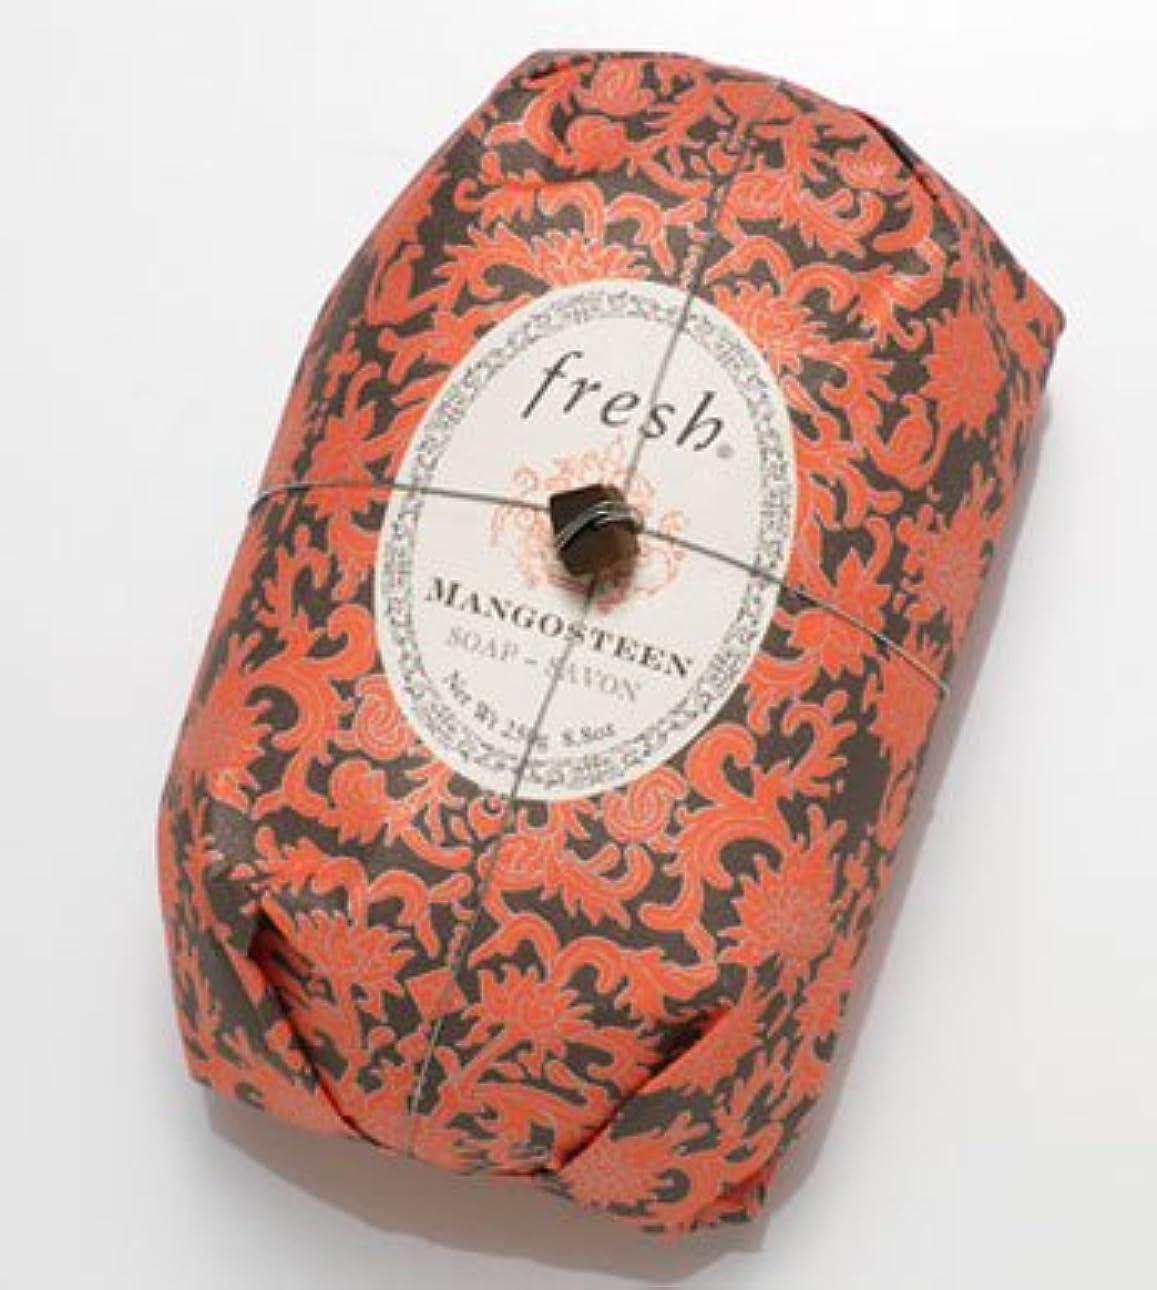 カーテンコマンドセントFresh MANGOSTEEN SOAP (フレッシュ マンゴスチーン ソープ) 8.8 oz (250g) Soap (石鹸) by Fresh